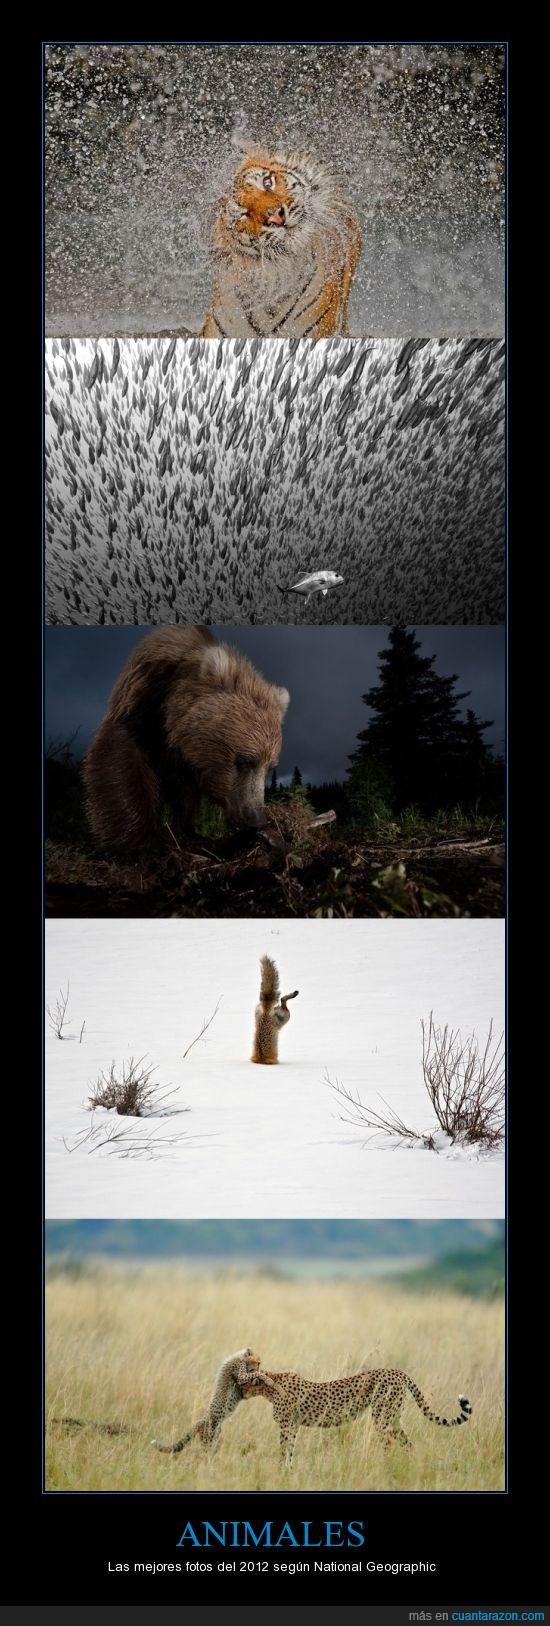 2012,animales,concurso,fotos,ganadores,mejores,national geographic